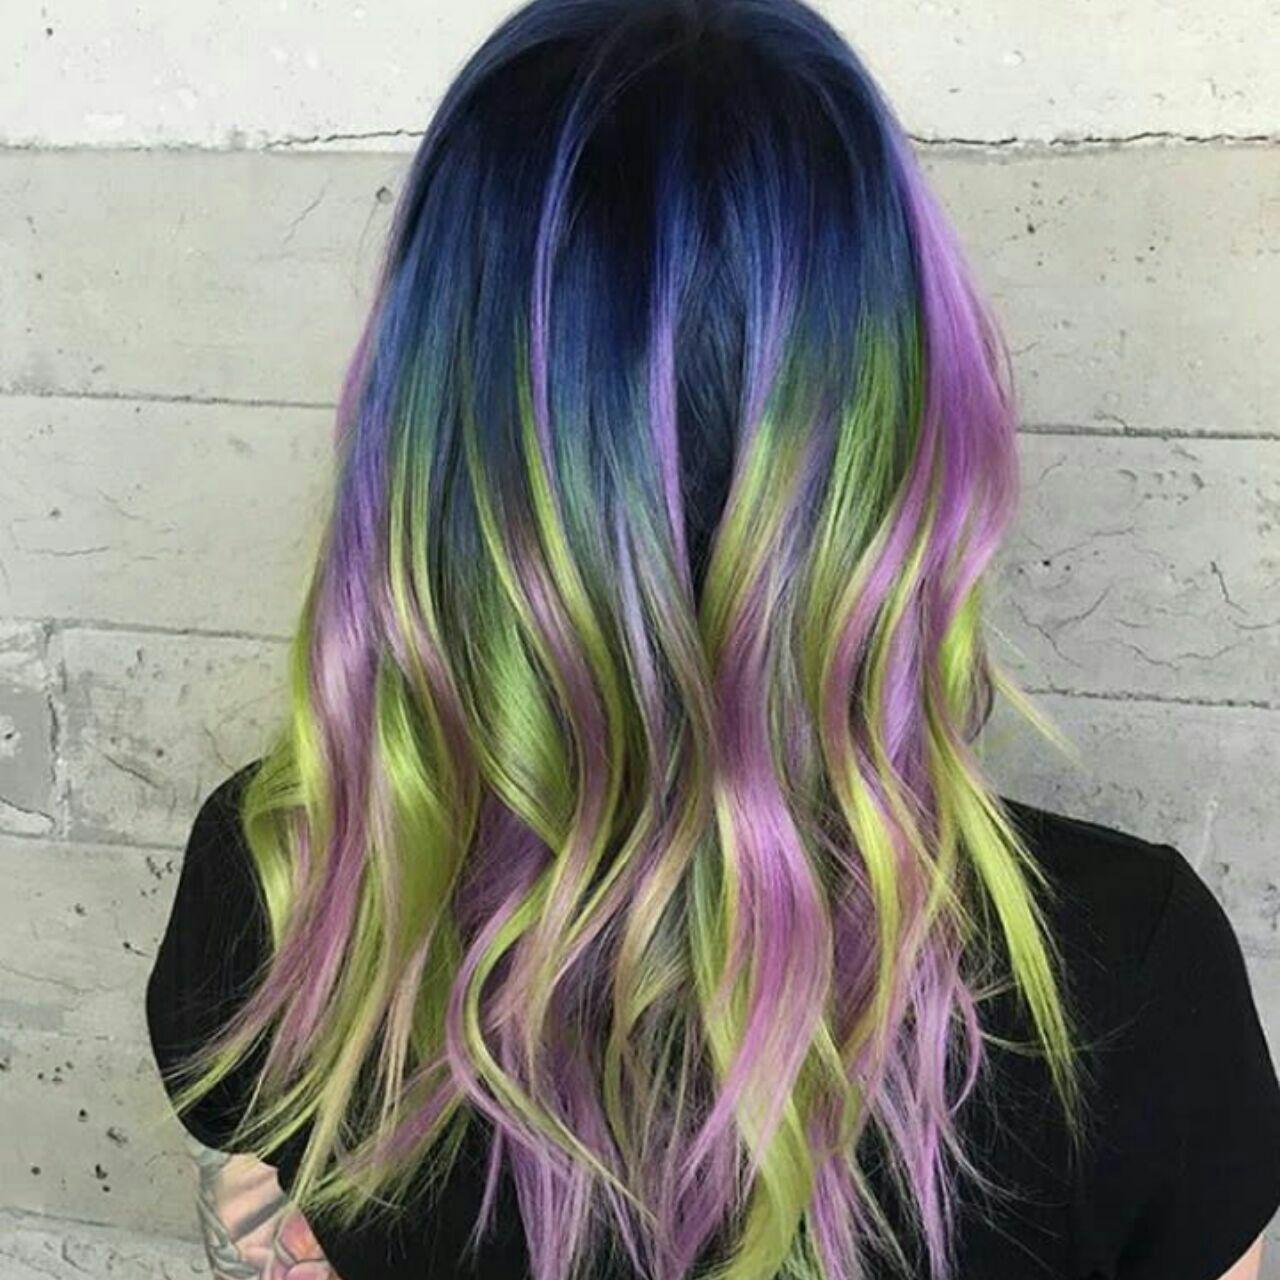 انواع رنگ موی جدید فانتزی رنگ سال